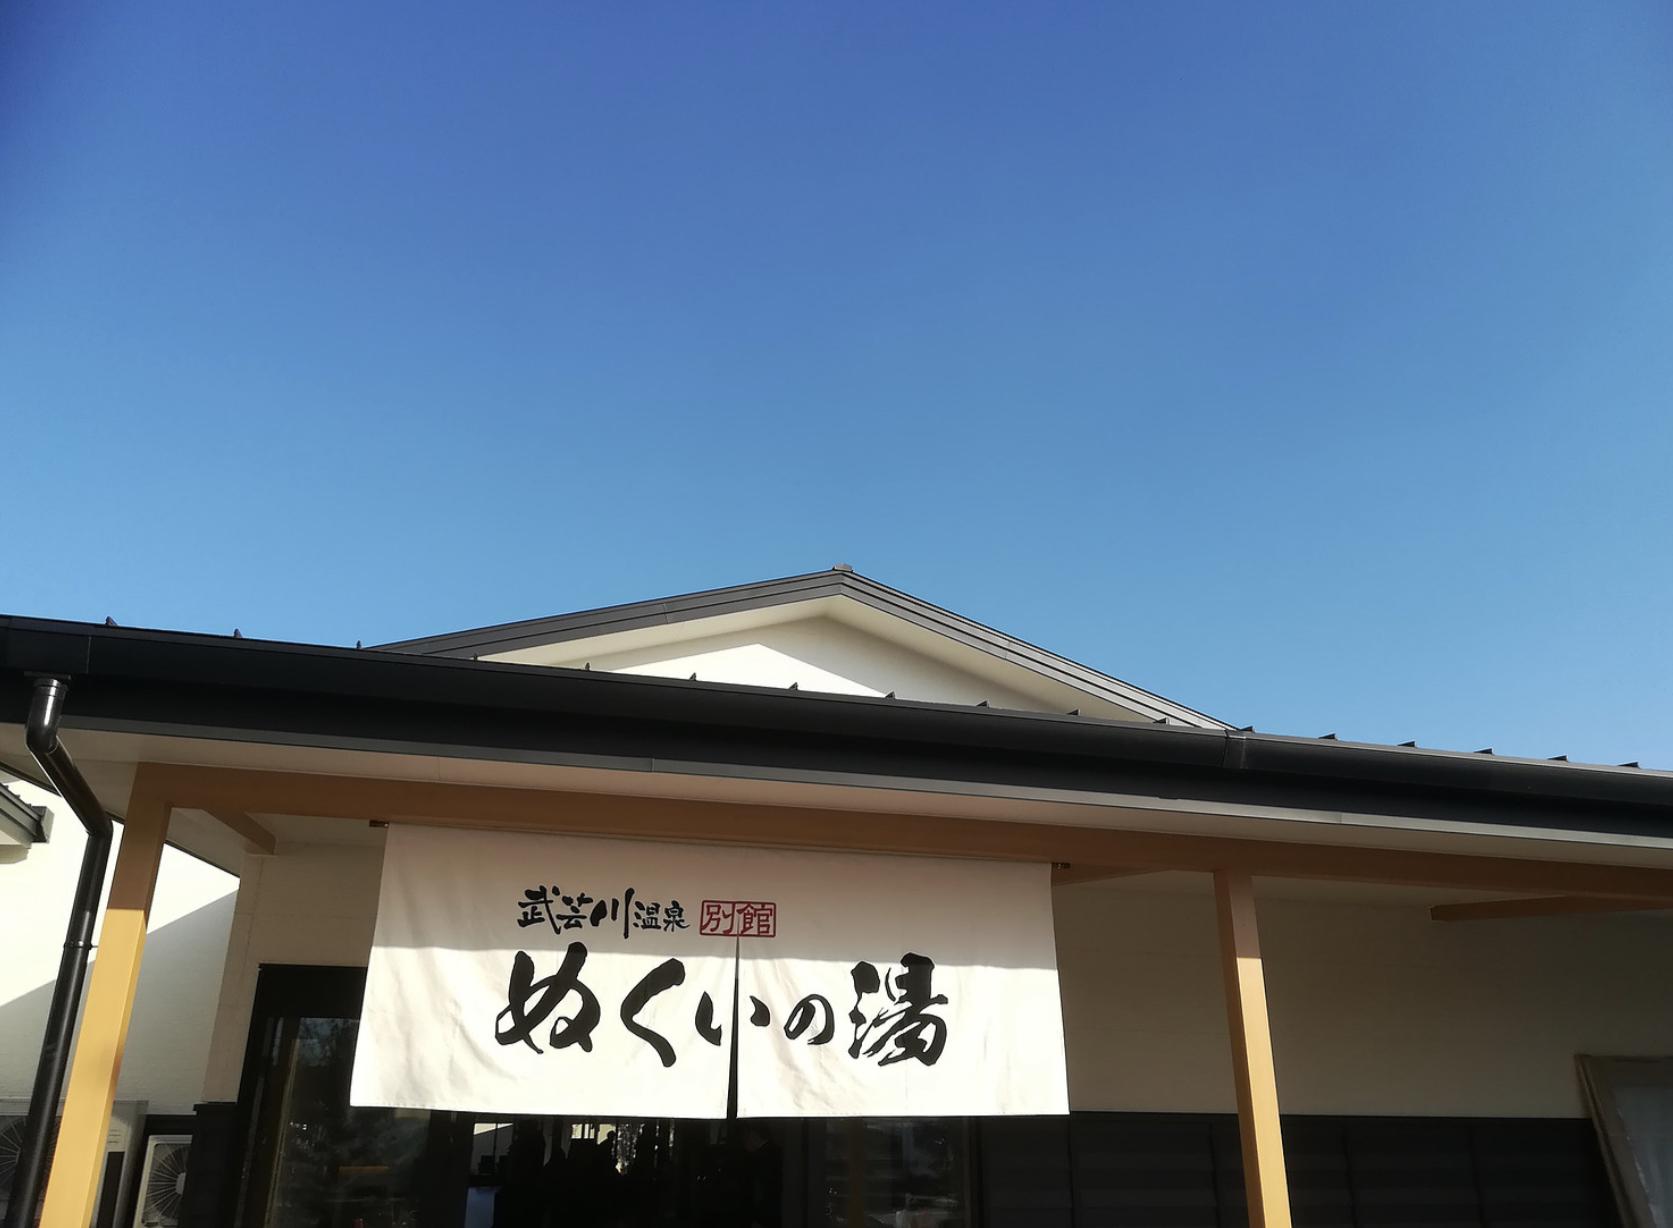 岩盤浴が無料! 気軽な温泉旅行にオススメな、岐阜県本巣市「ぬくいの湯」 - 39CB5E6F 874B 4CB7 9A0B 9337CBD7D013